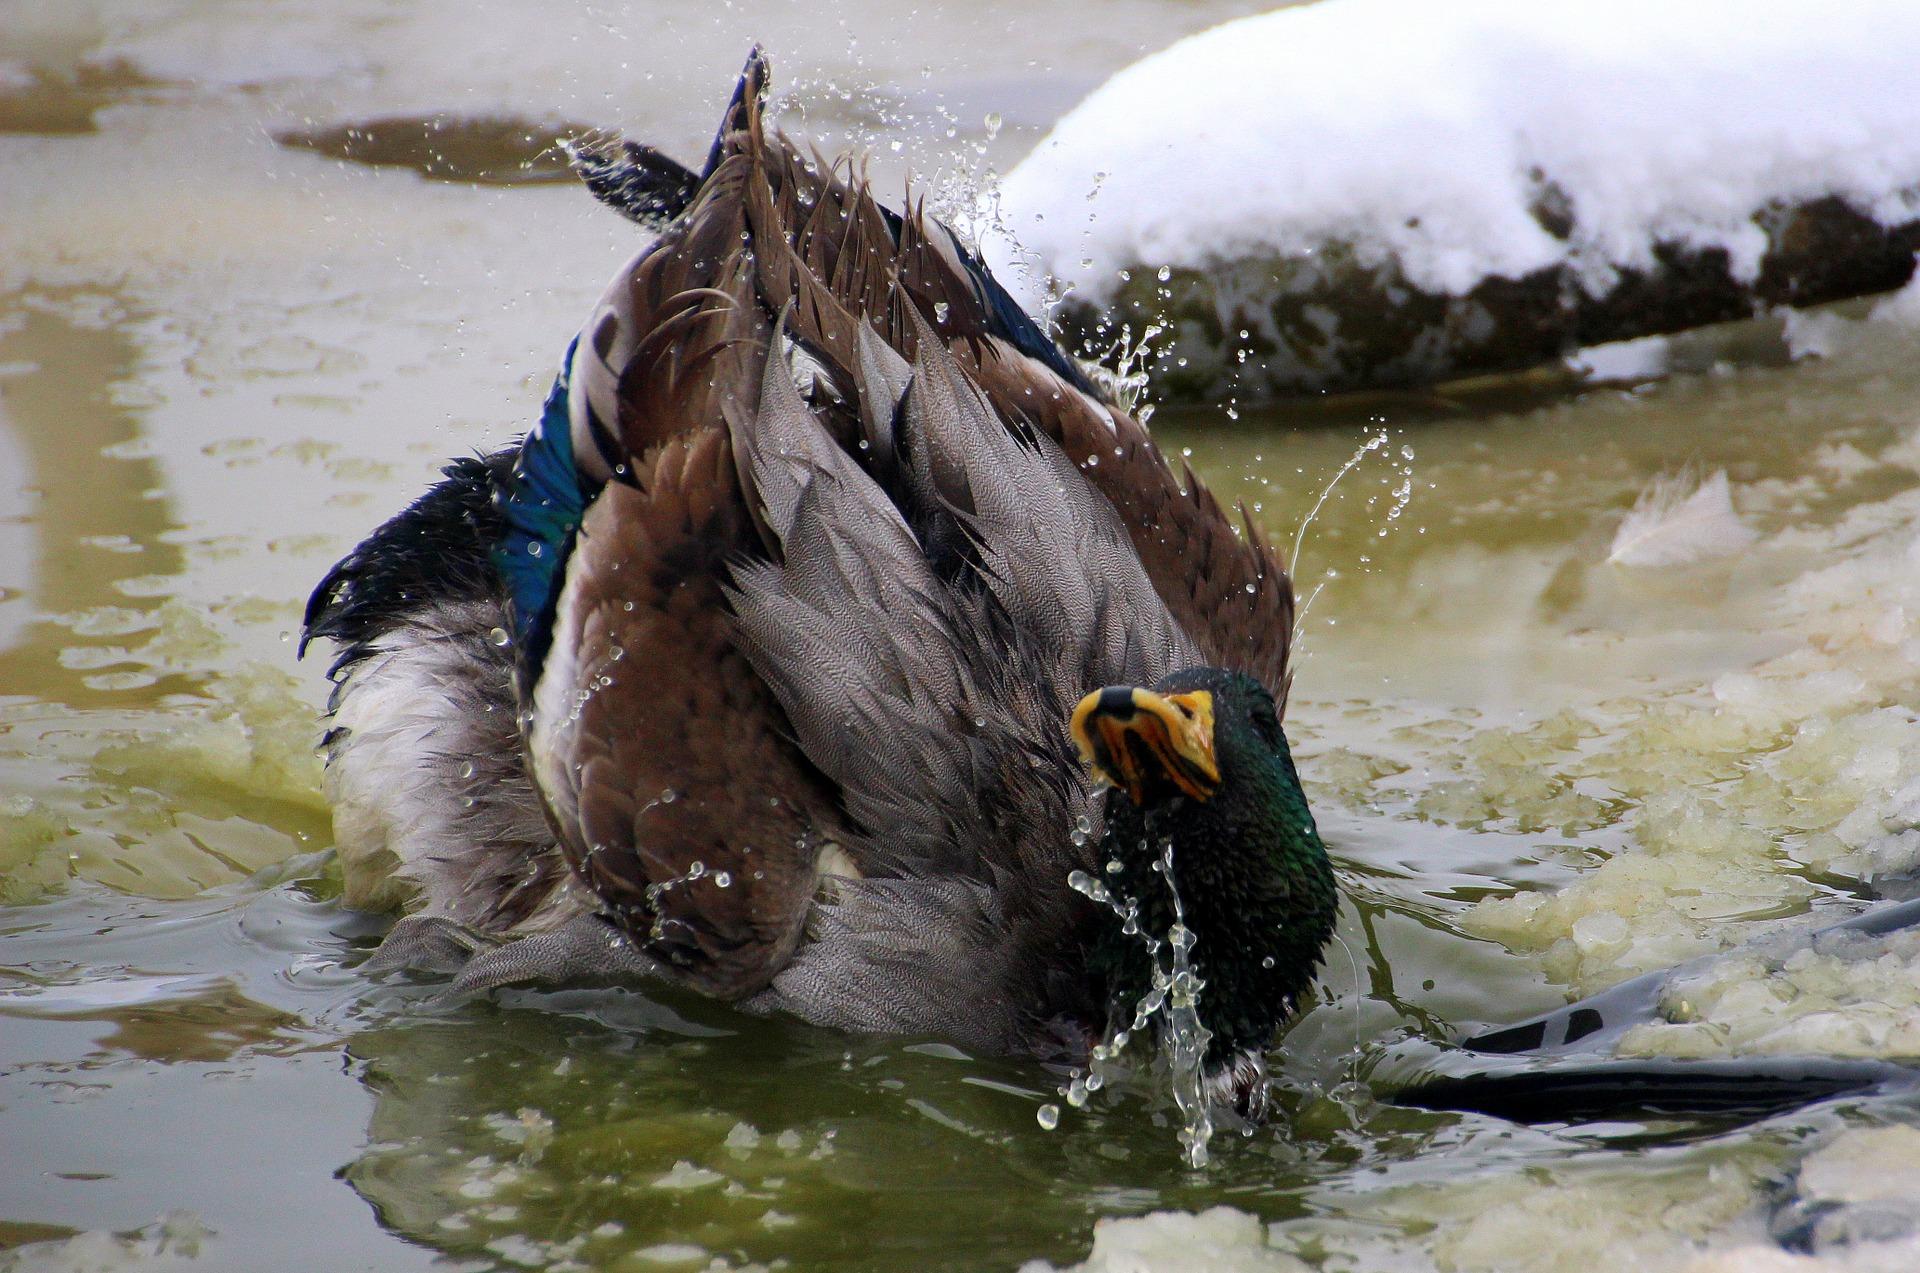 Mallard duck taking a bath photo